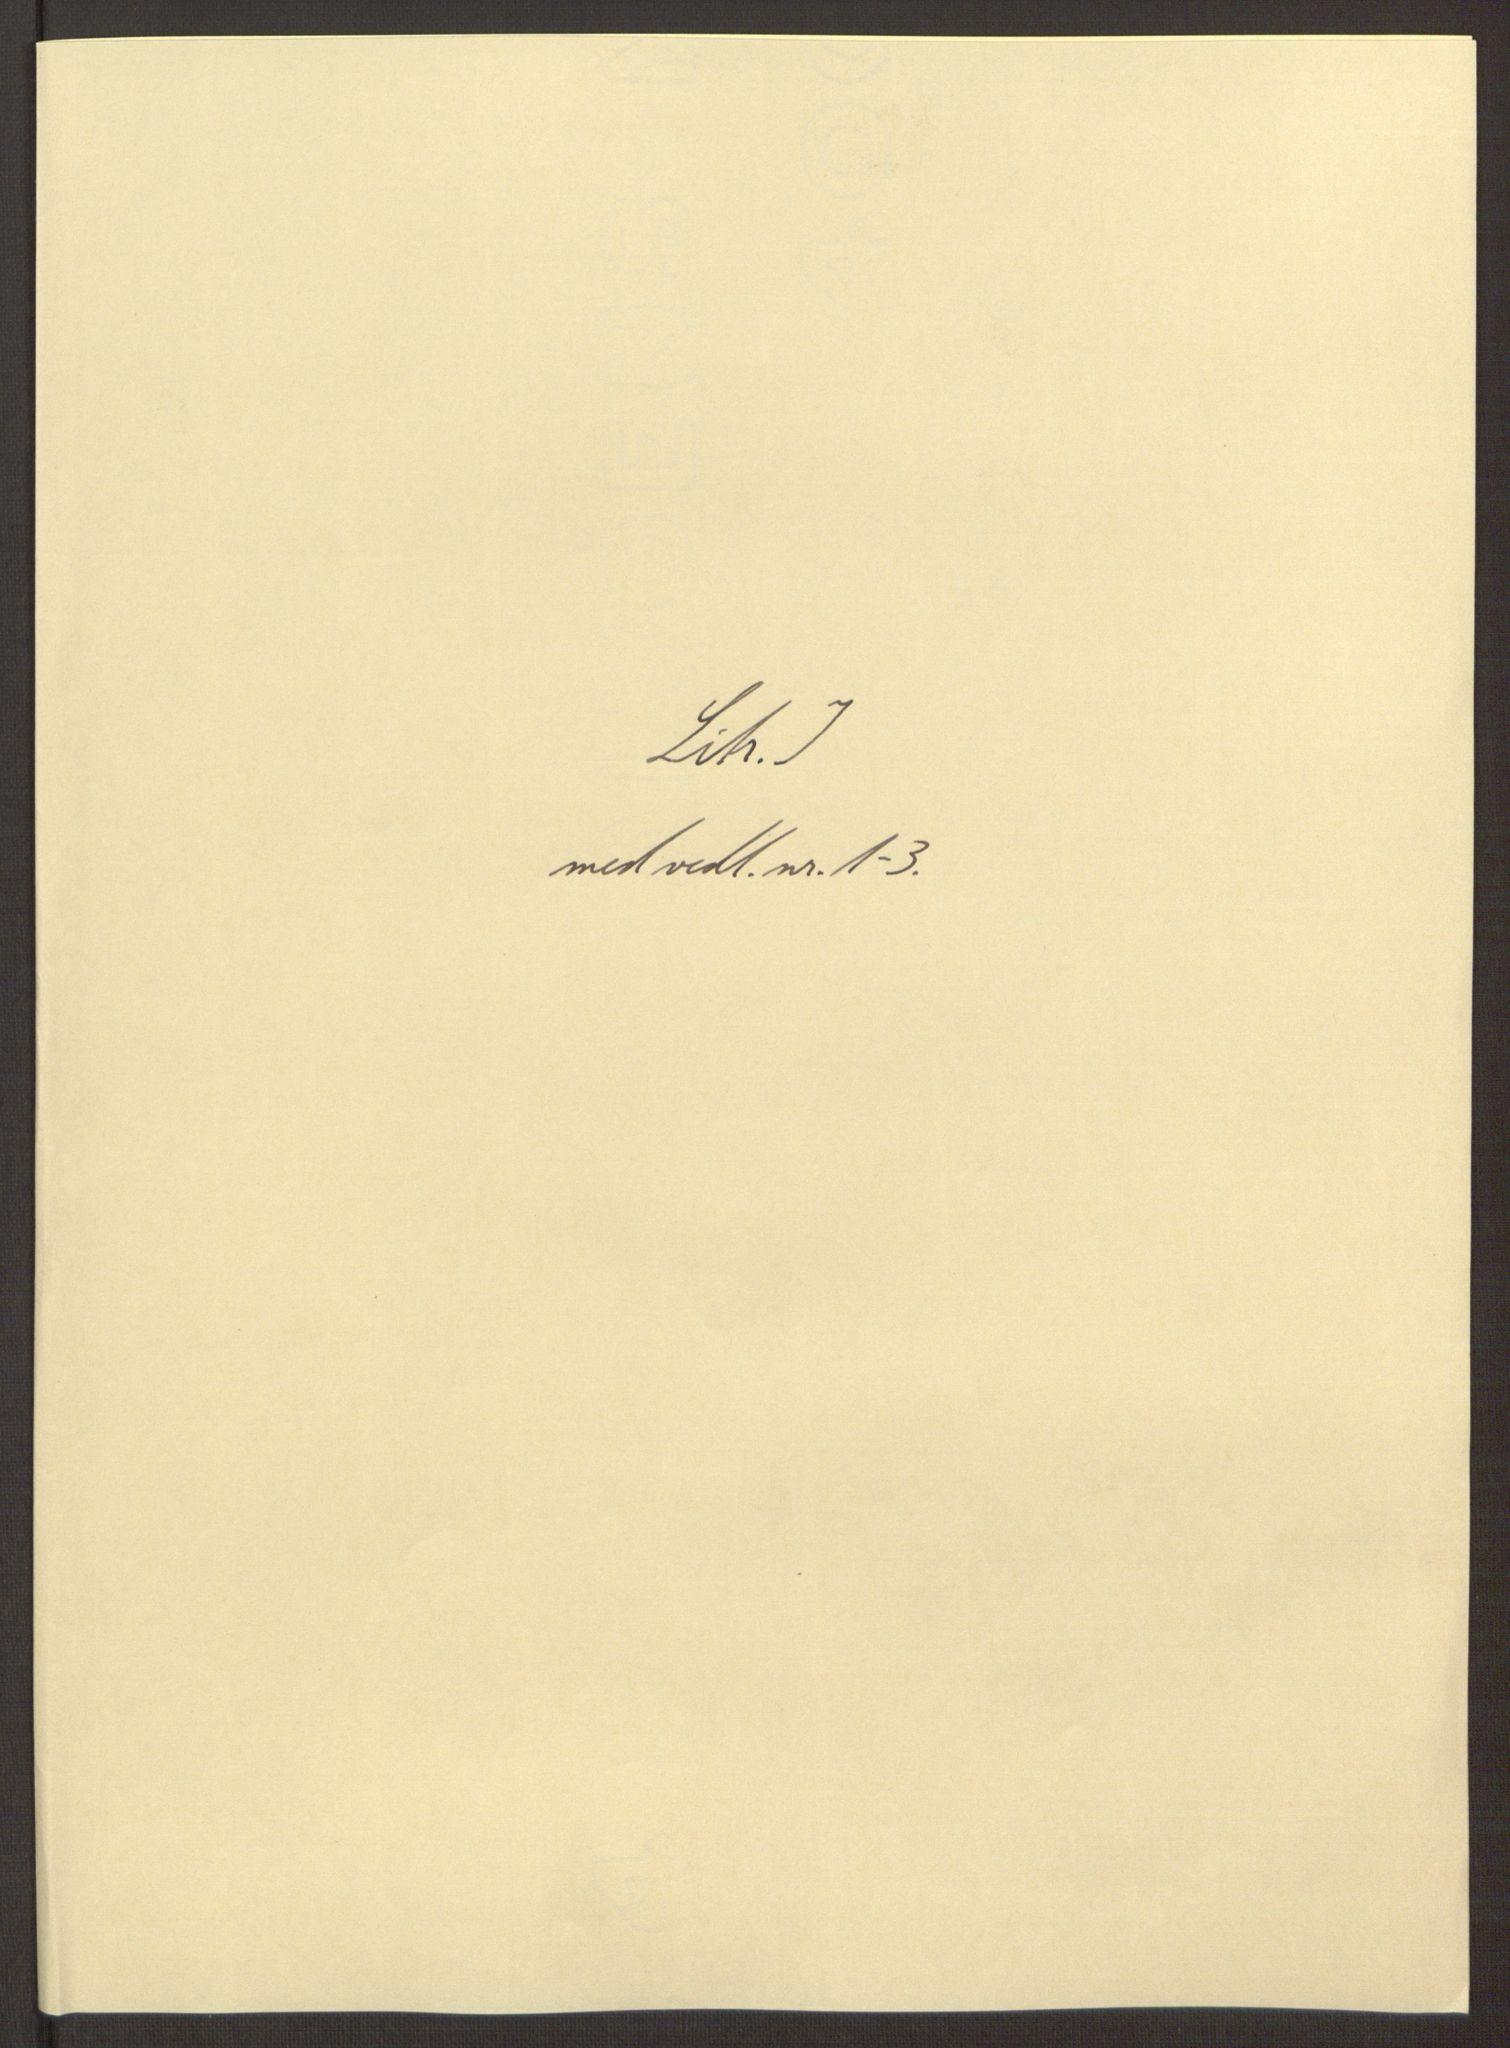 RA, Rentekammeret inntil 1814, Reviderte regnskaper, Fogderegnskap, R59/L3942: Fogderegnskap Gauldal, 1692, s. 137